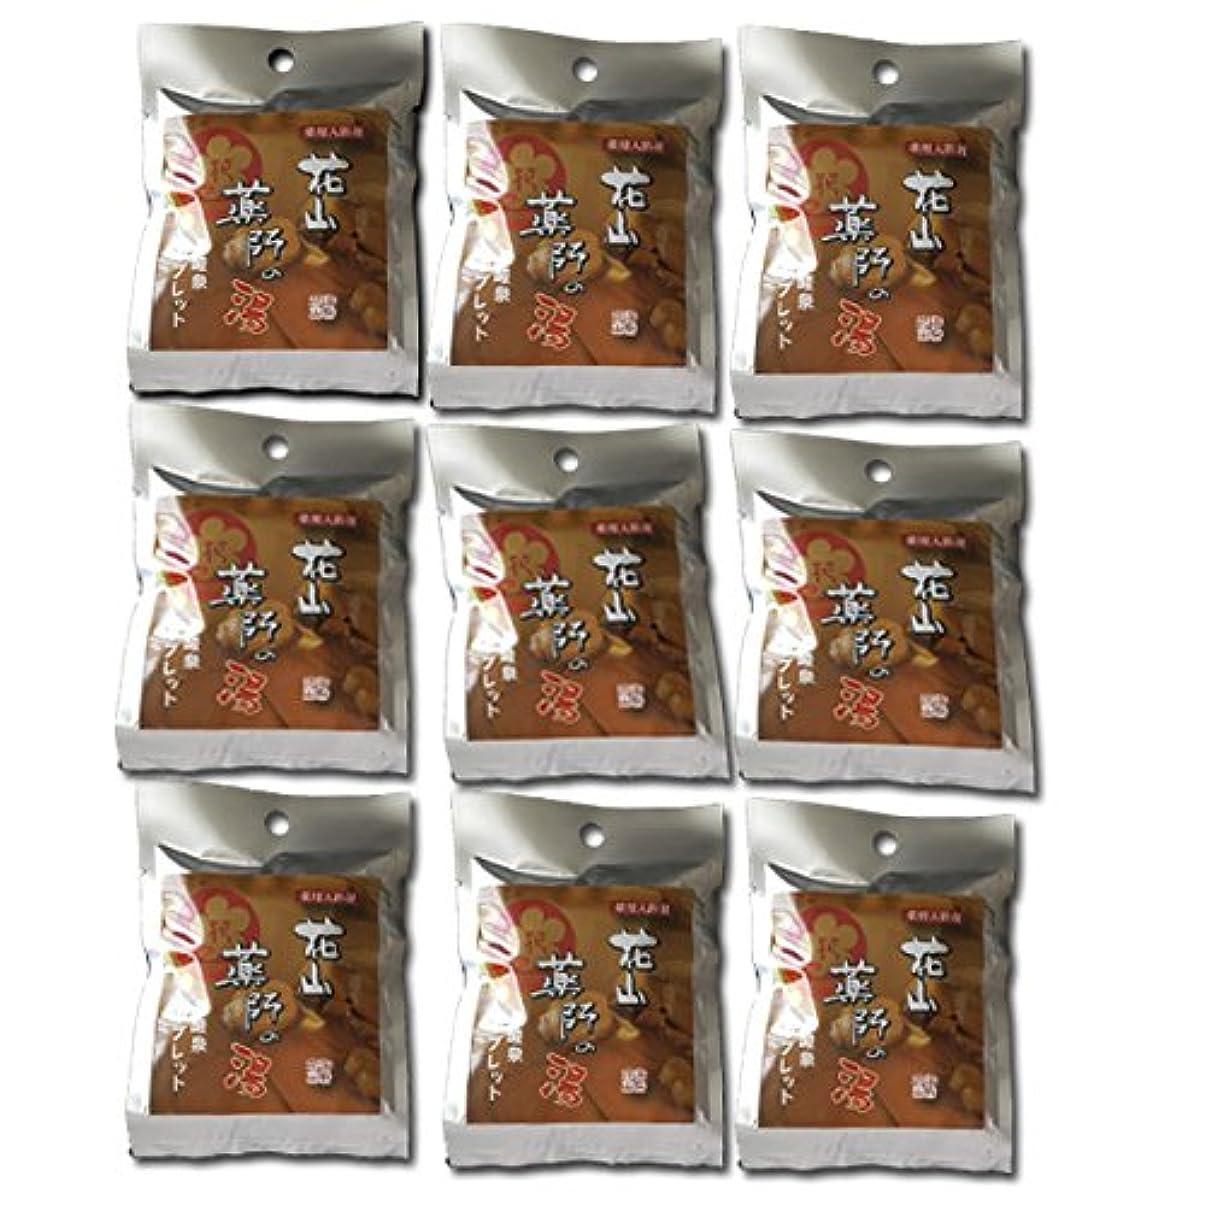 大邸宅パケットおばさん入浴剤 炭酸泉 和歌山 花山温泉の温泉分析値を元に配合して作られたタブレット9個 薬用